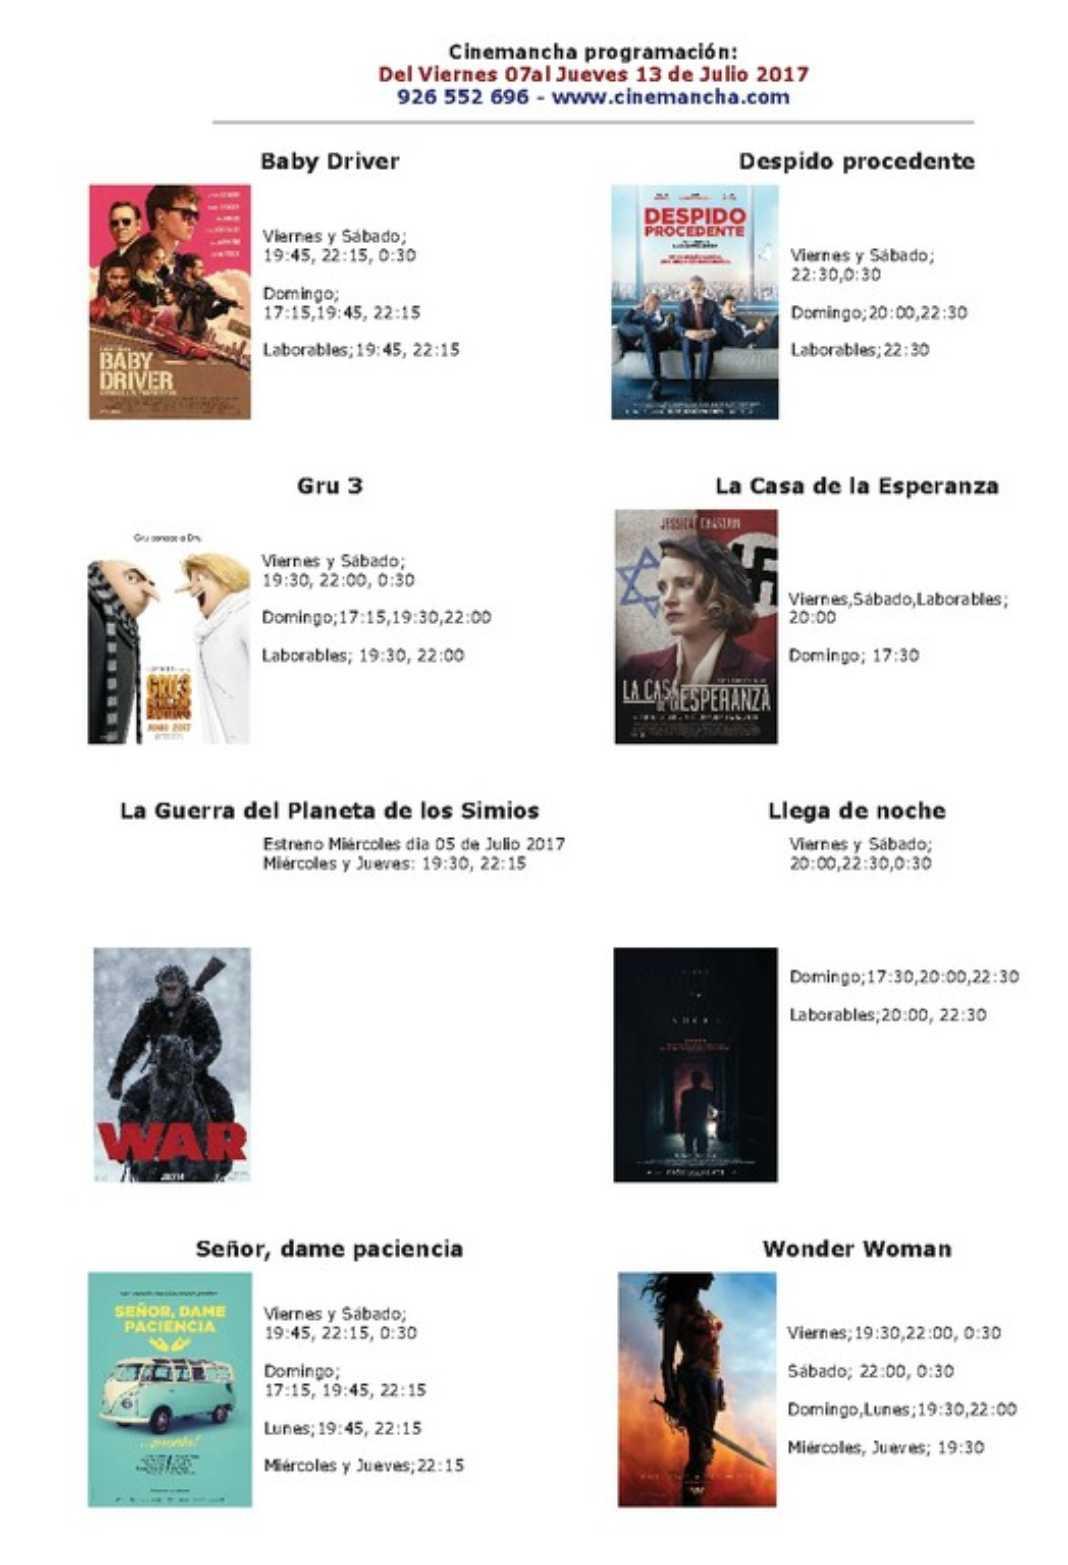 Cartelera Cinemancha del viernes 7 al jueves 13 de julio 2